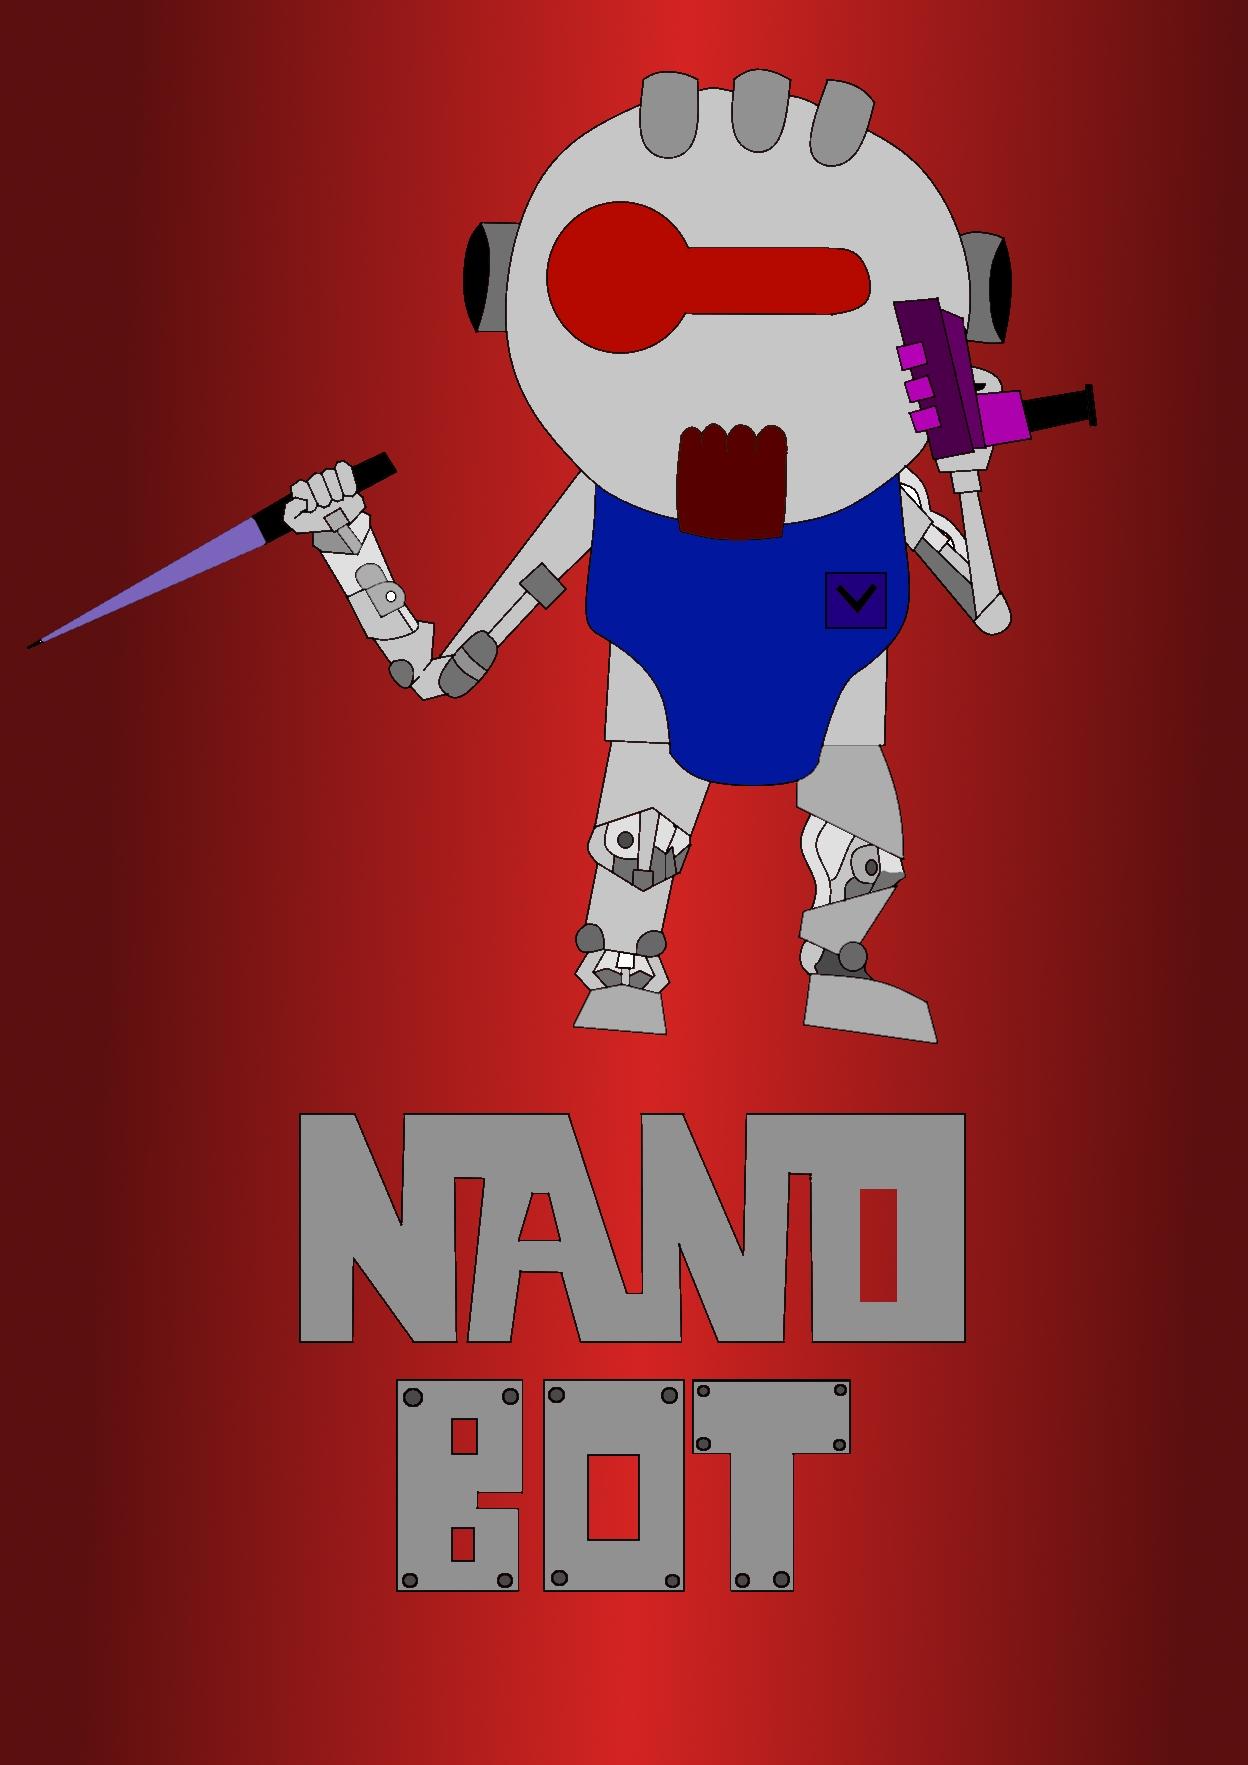 Nano bot